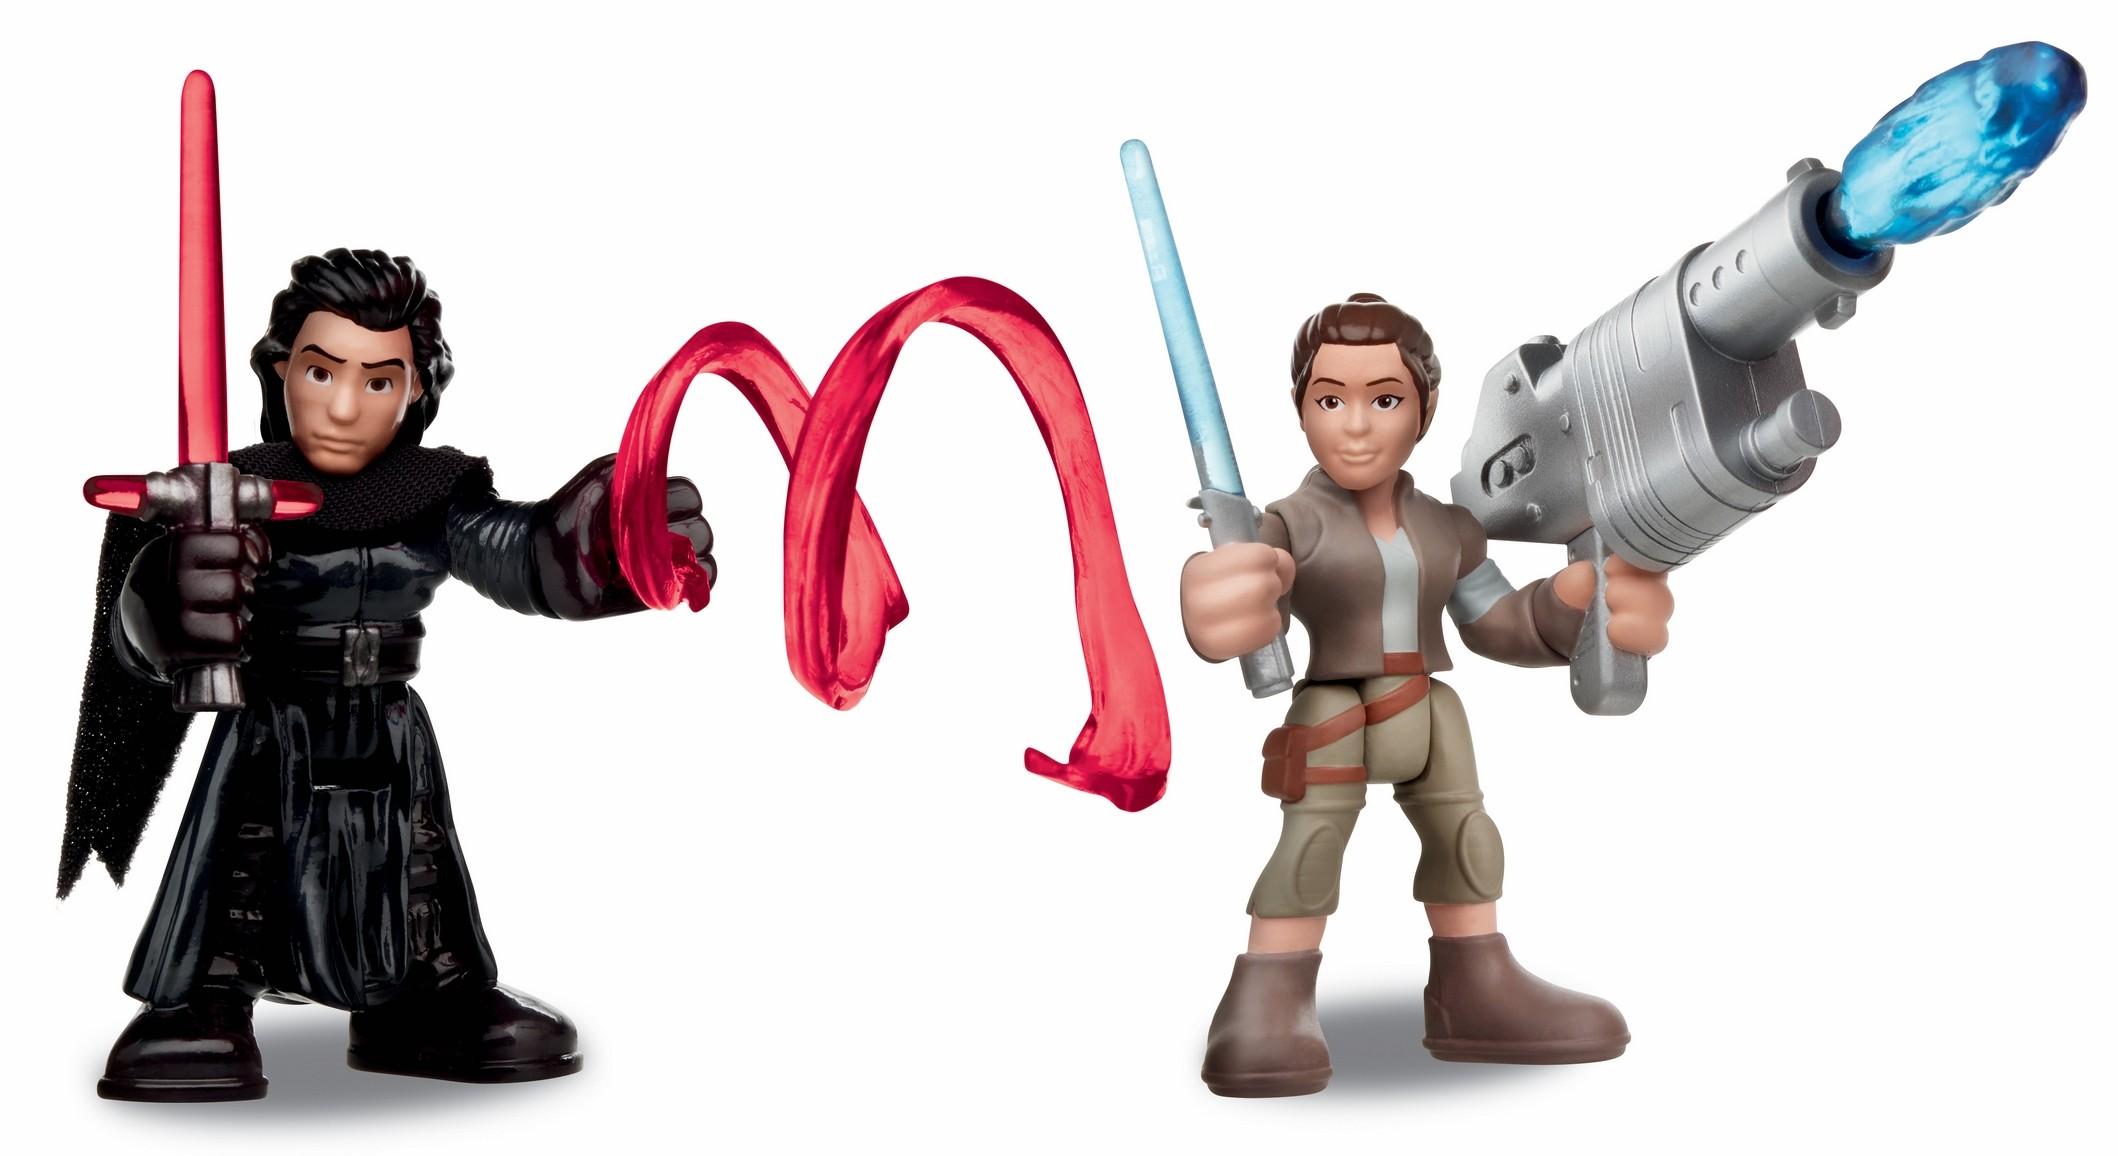 Force Awakens PlaySkool Galactic Heroes Rey and Kylo Ren figure 2-pack